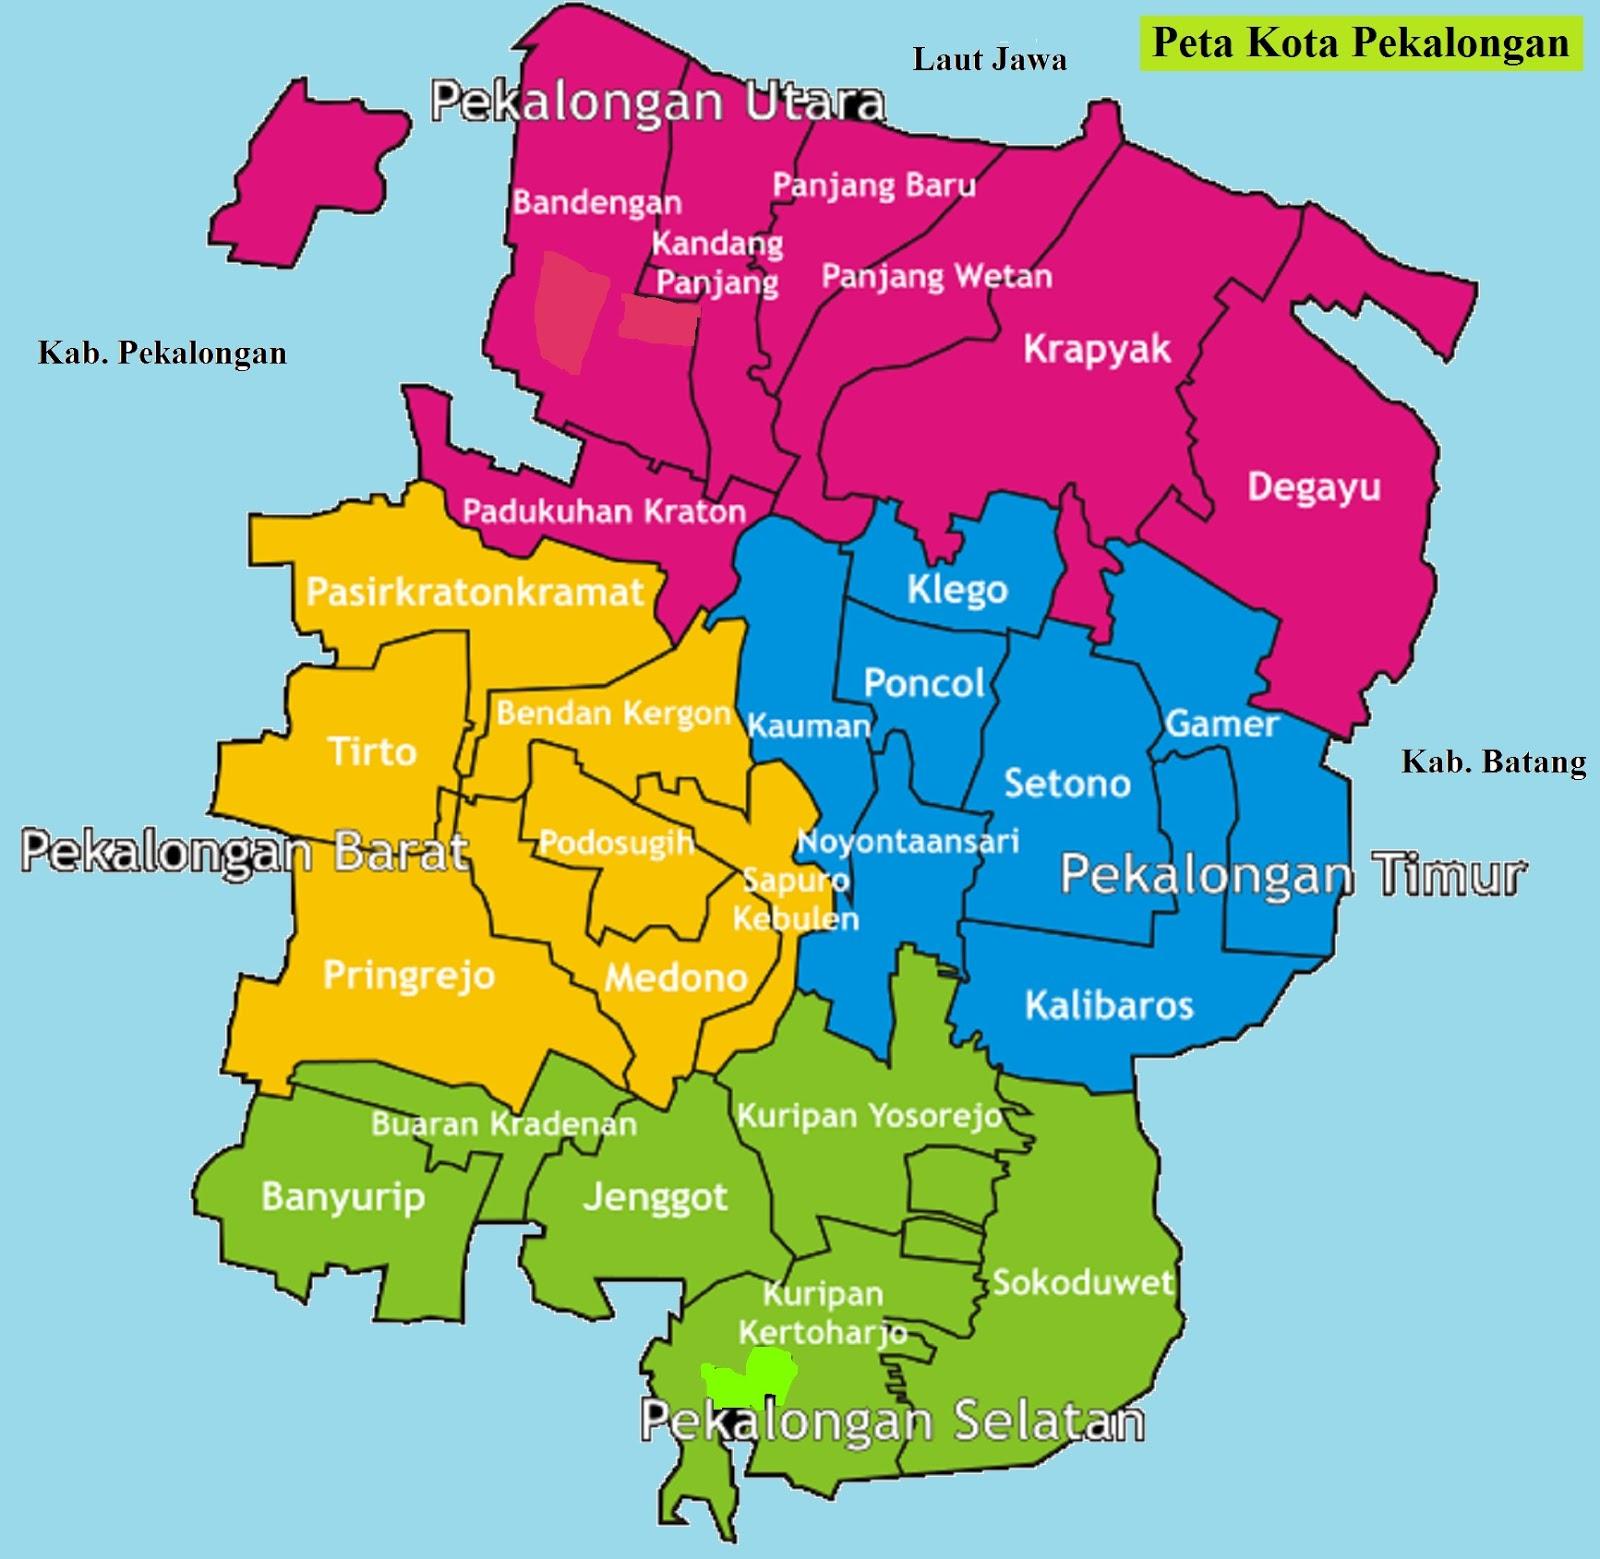 Peta Kota Pekalongan